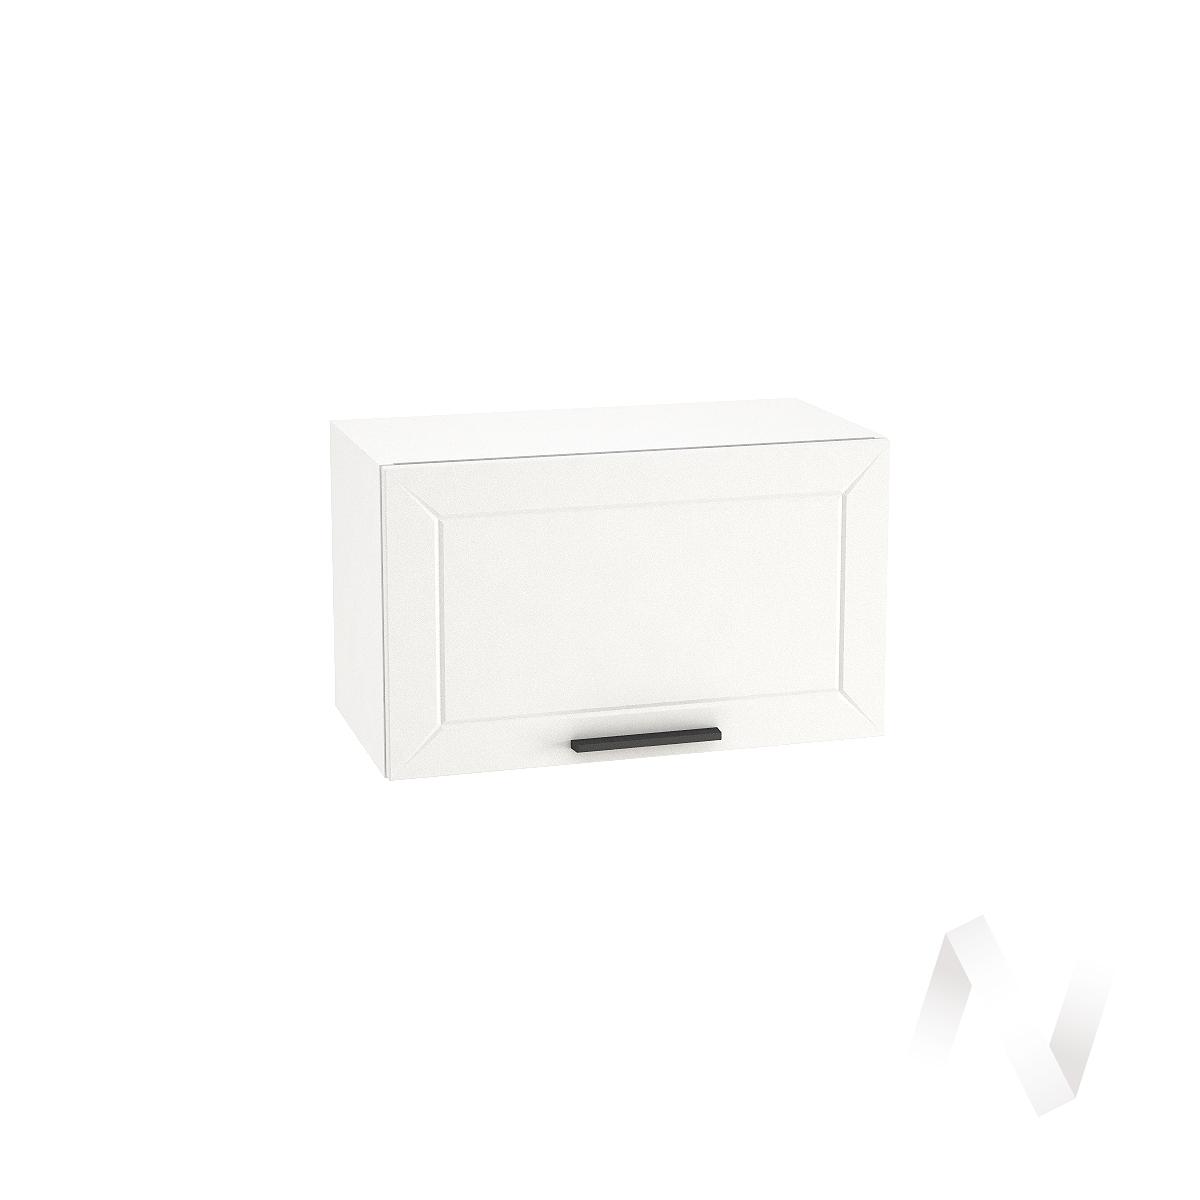 """Кухня """"Глетчер"""": Шкаф верхний горизонтальный 600, ШВГ 600 (Айленд Силк/корпус белый)"""